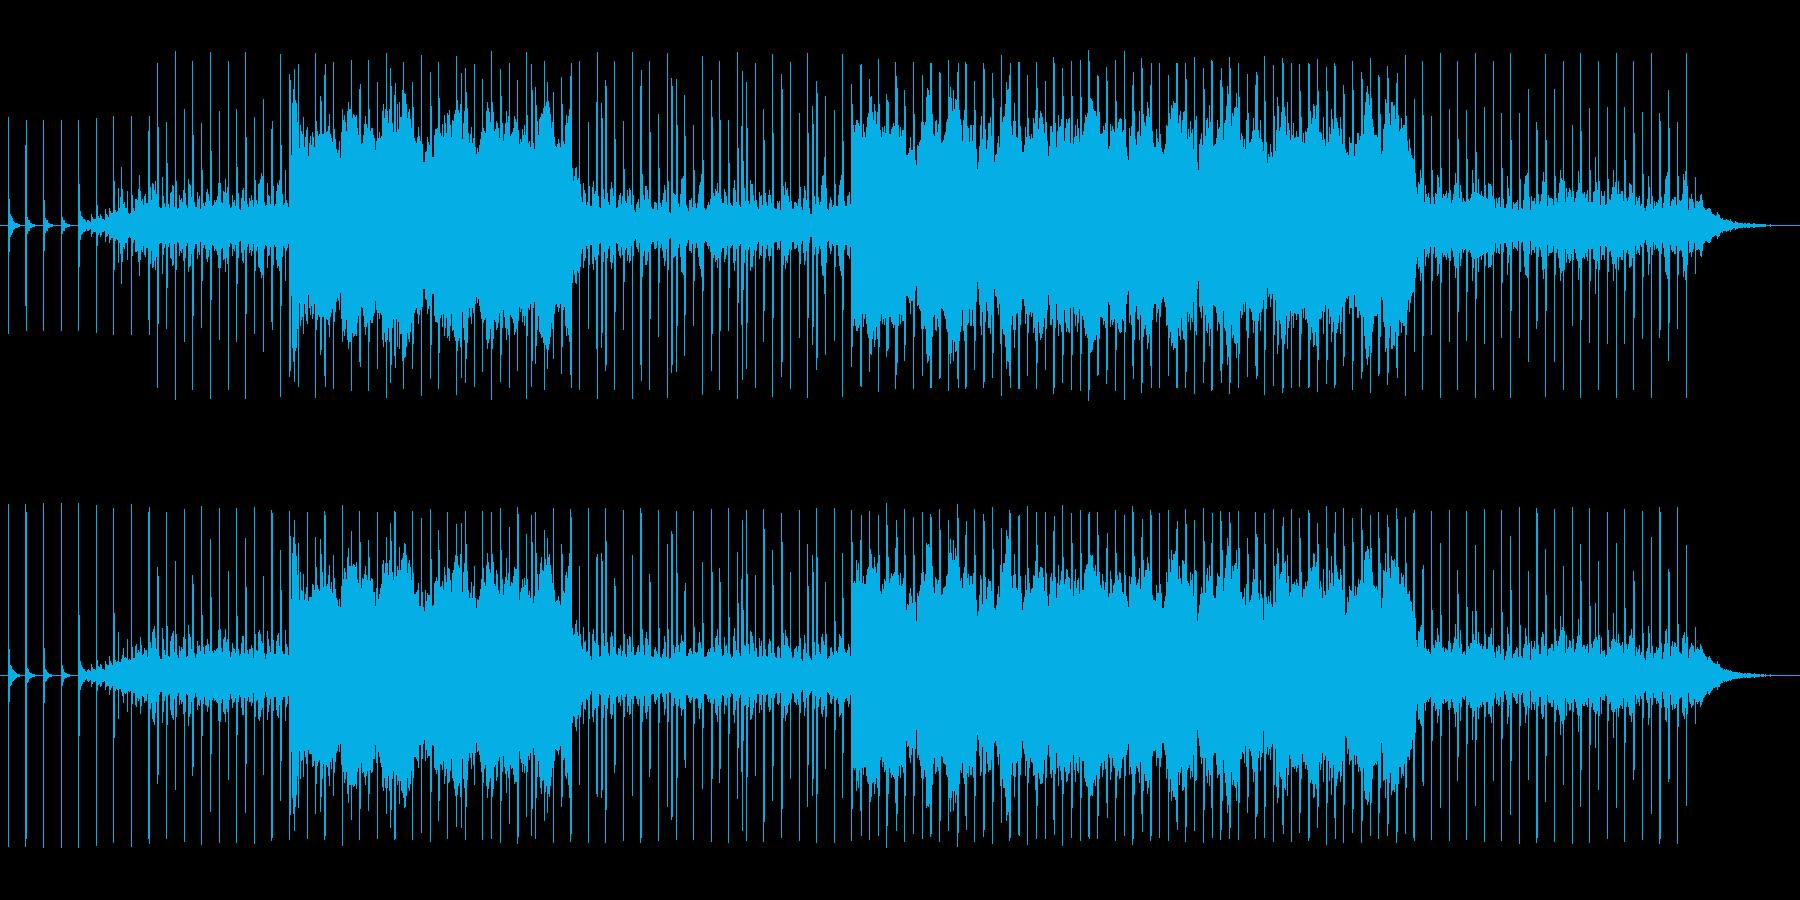 ノコギリや金槌などの工作音を使ったBGMの再生済みの波形